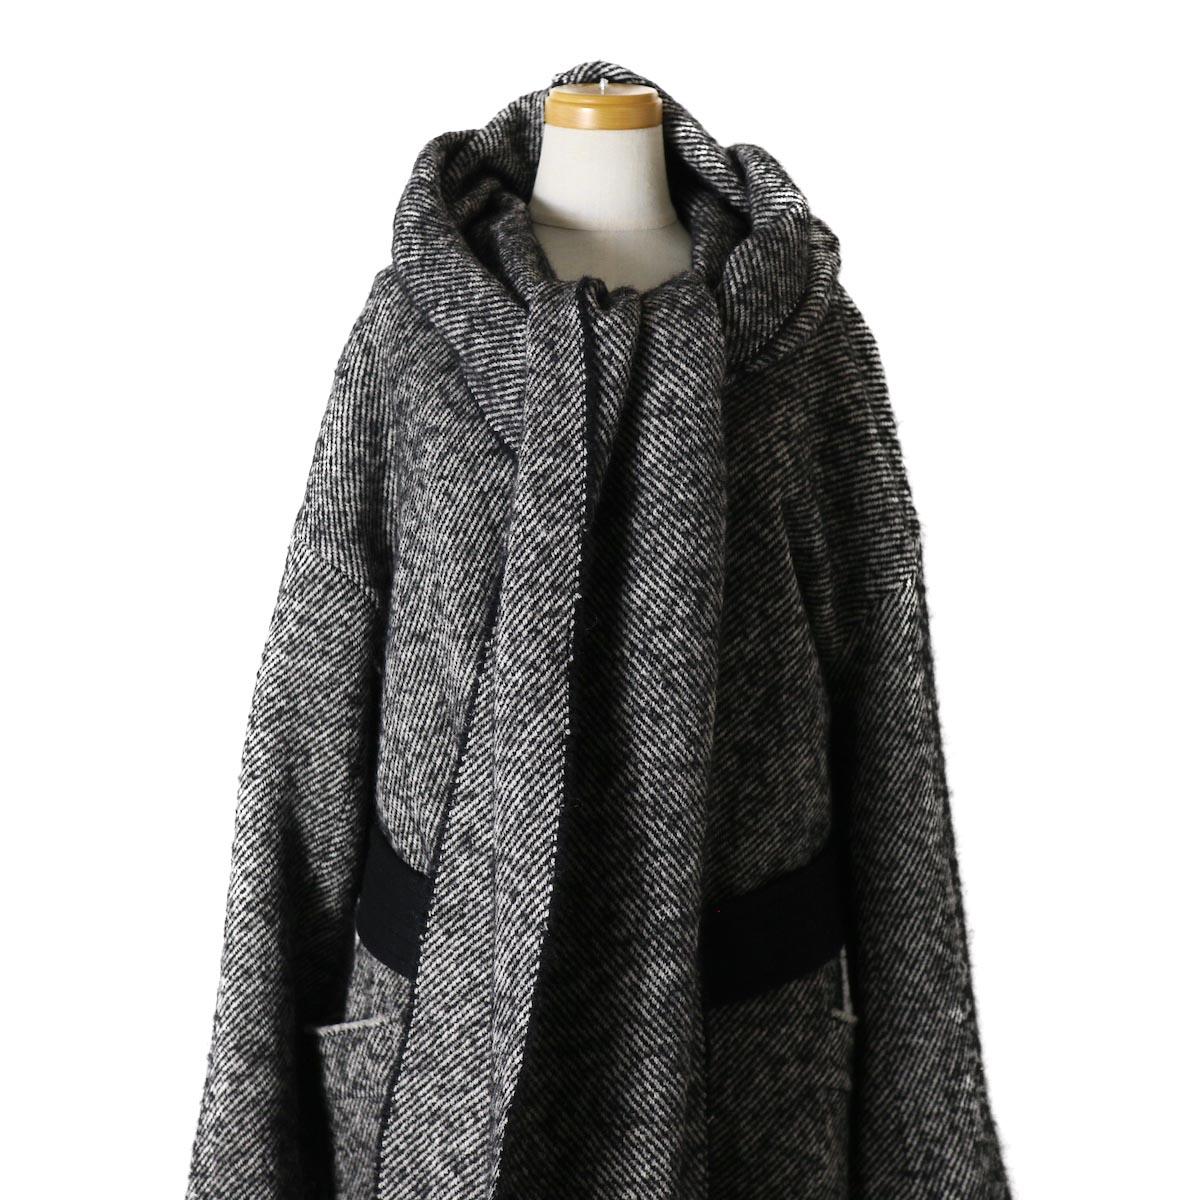 YLEVE / Monotone Tweed Coat 首元2